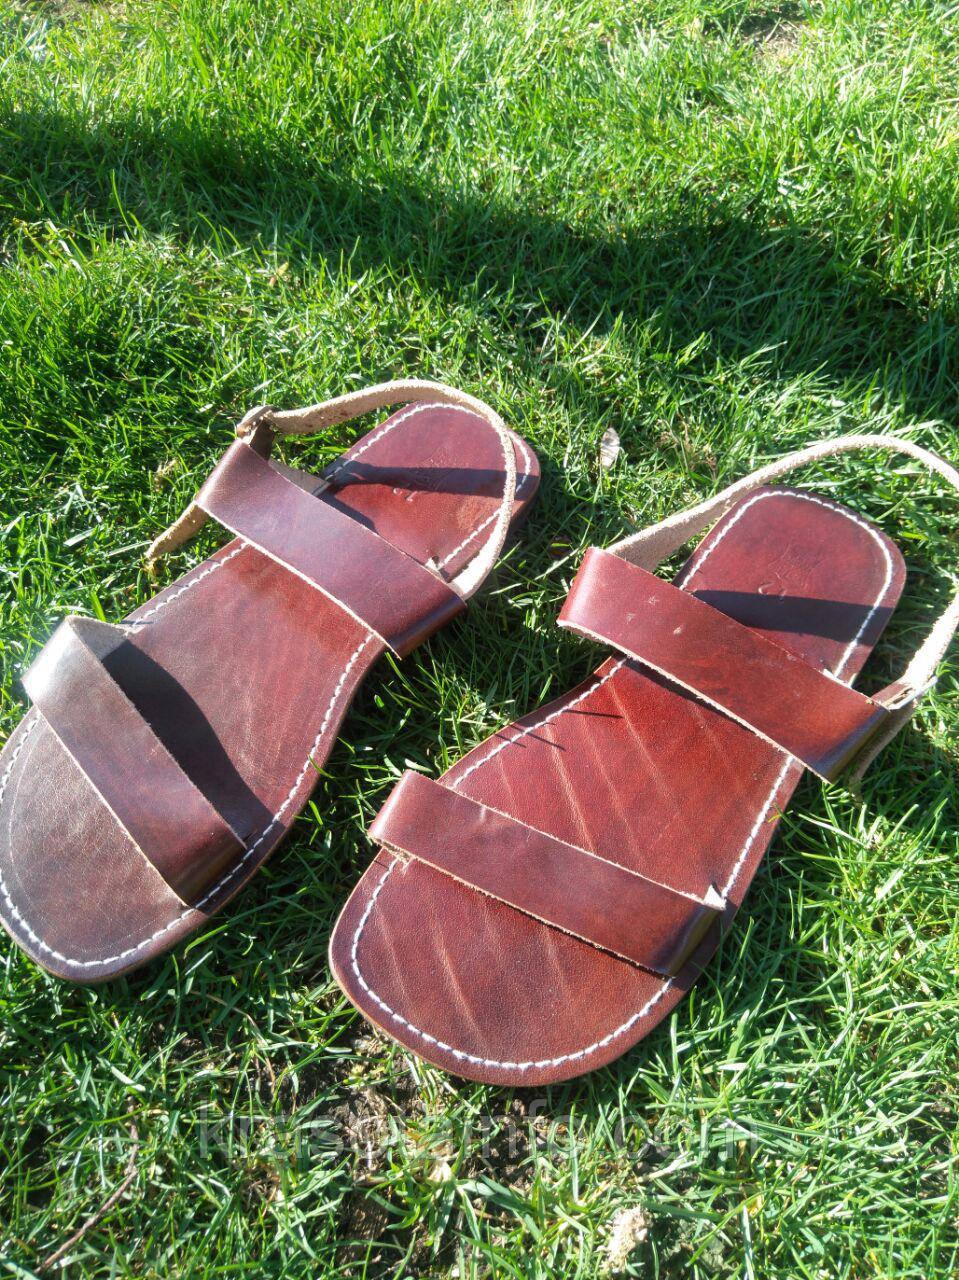 Распродажа! Кожа Сандалии мужские кожаные. Выбор размеров.  Босоножки, сандали натуральная кожа